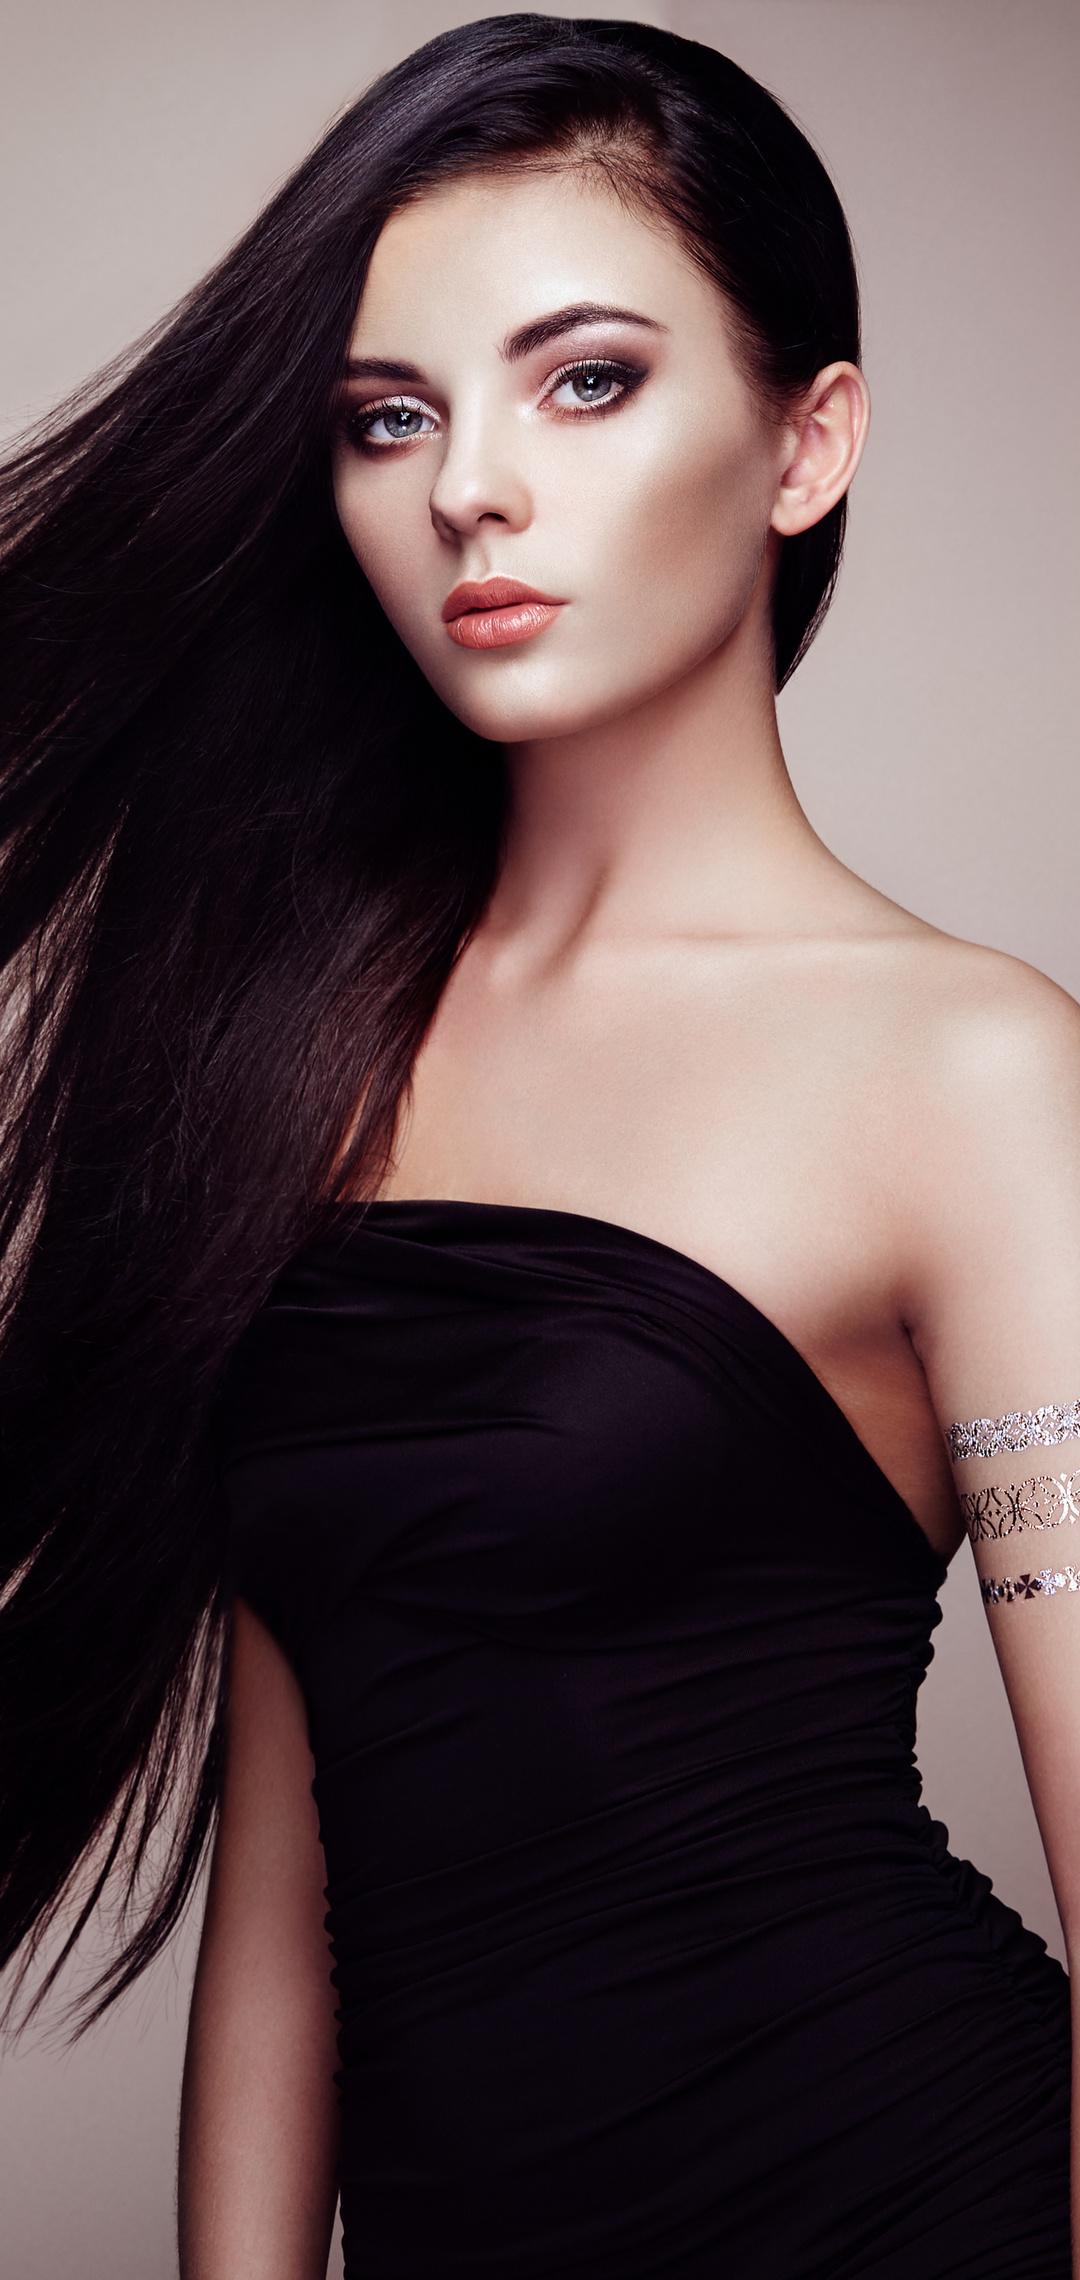 black-hair-dress-hands-in-air-4k-ee.jpg